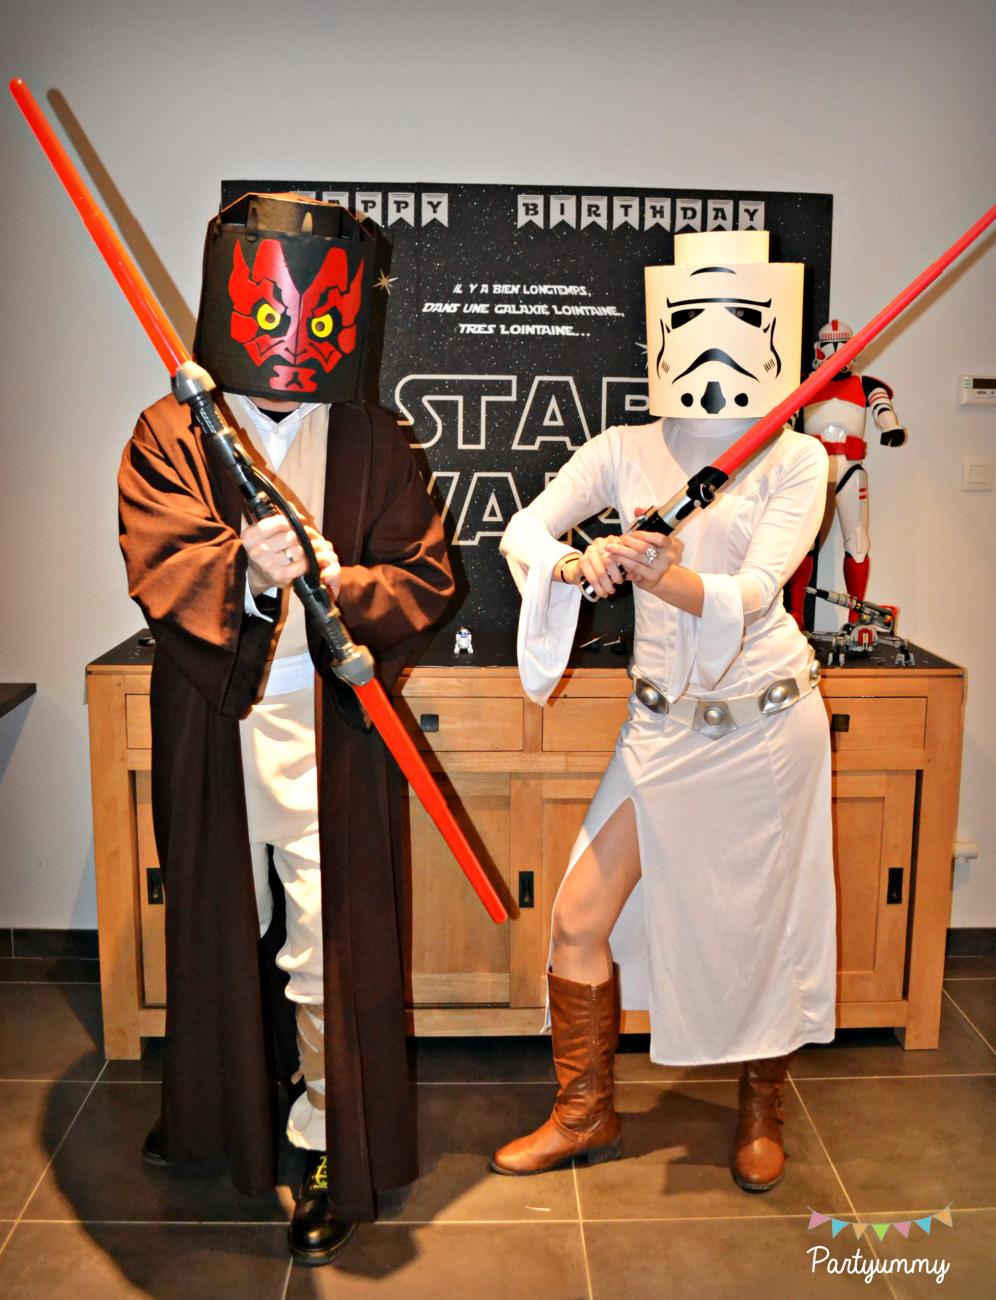 combat-sabres-laser-costumes-star-wars